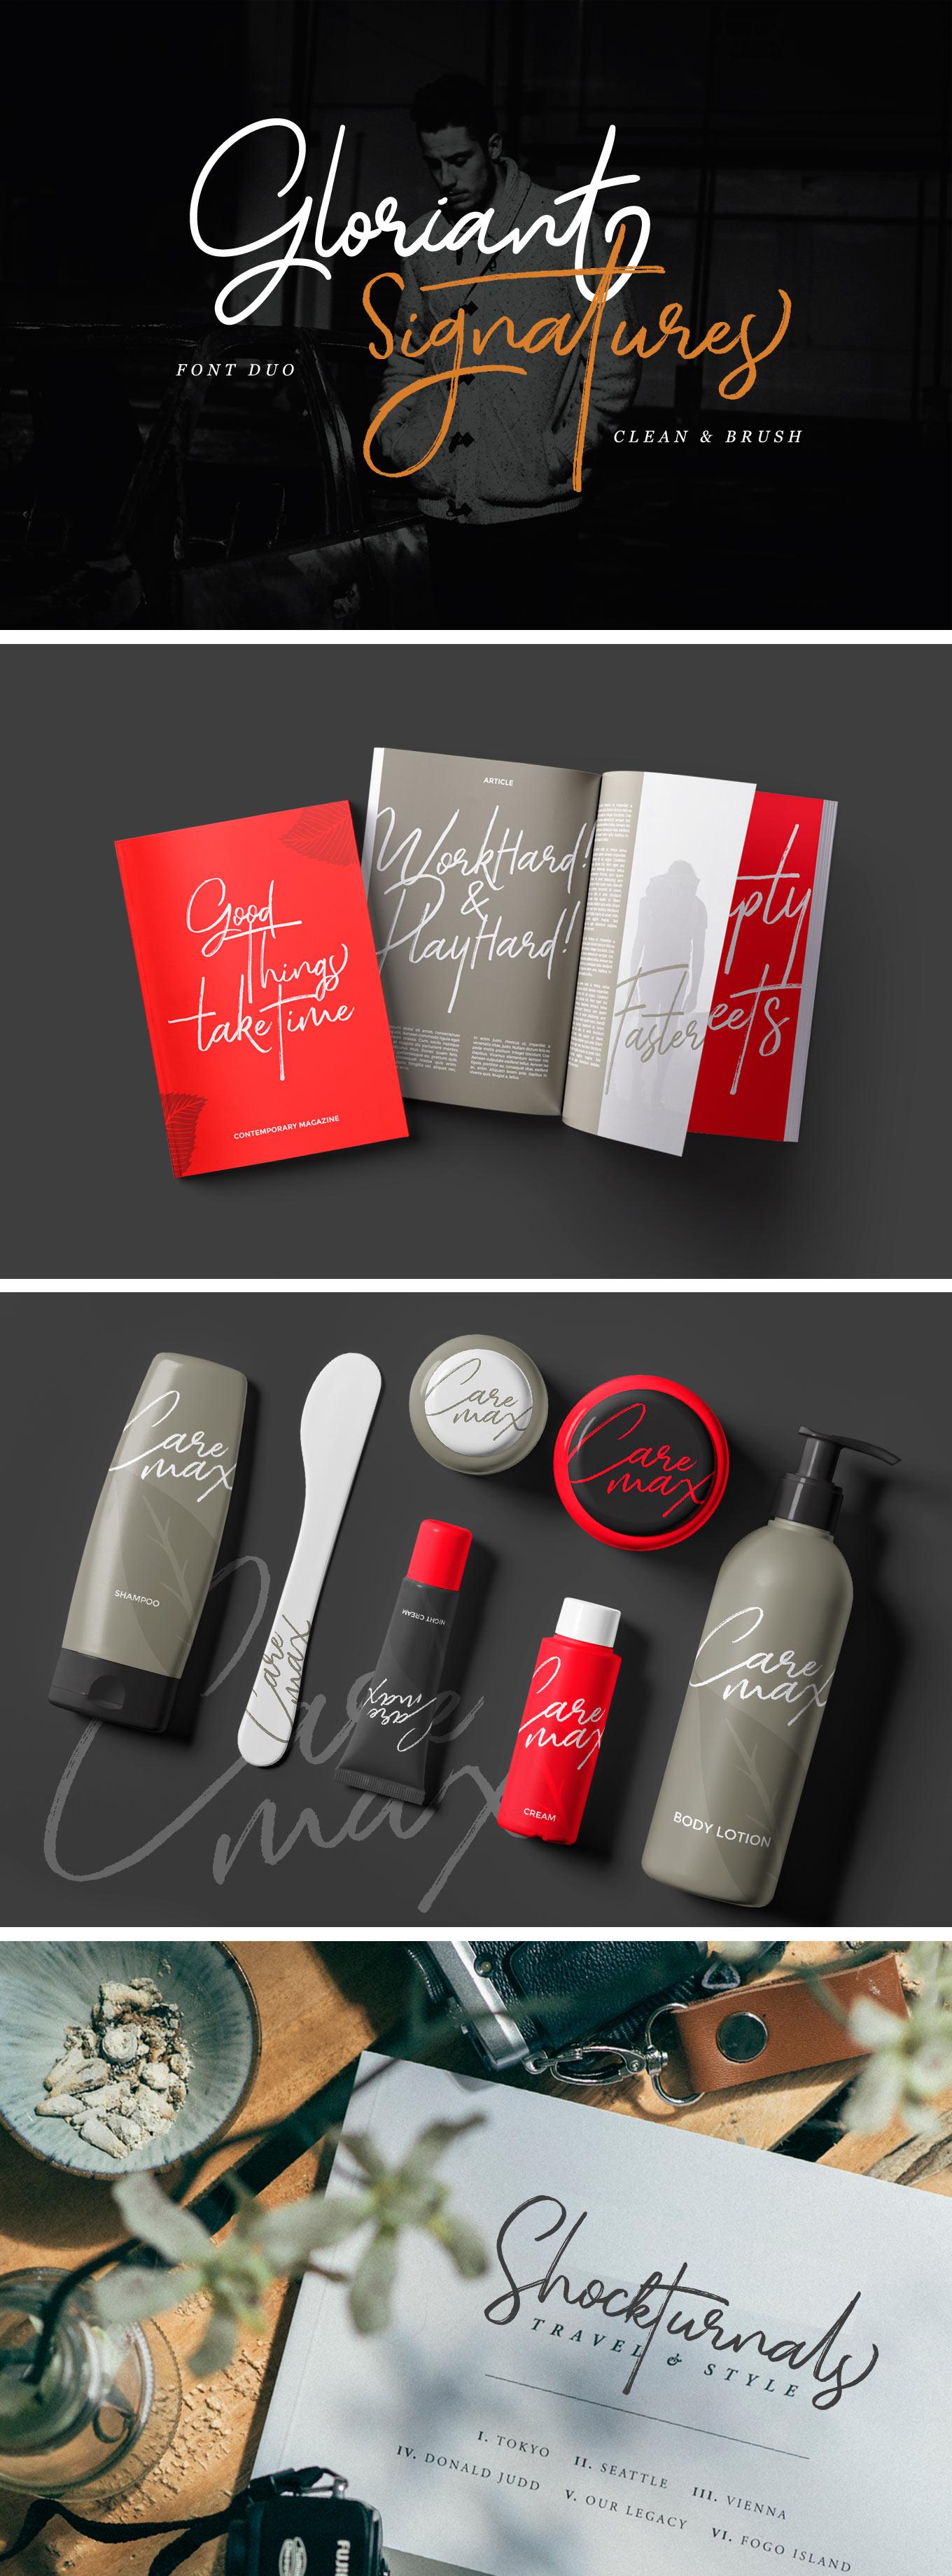 gloriant-signature-font